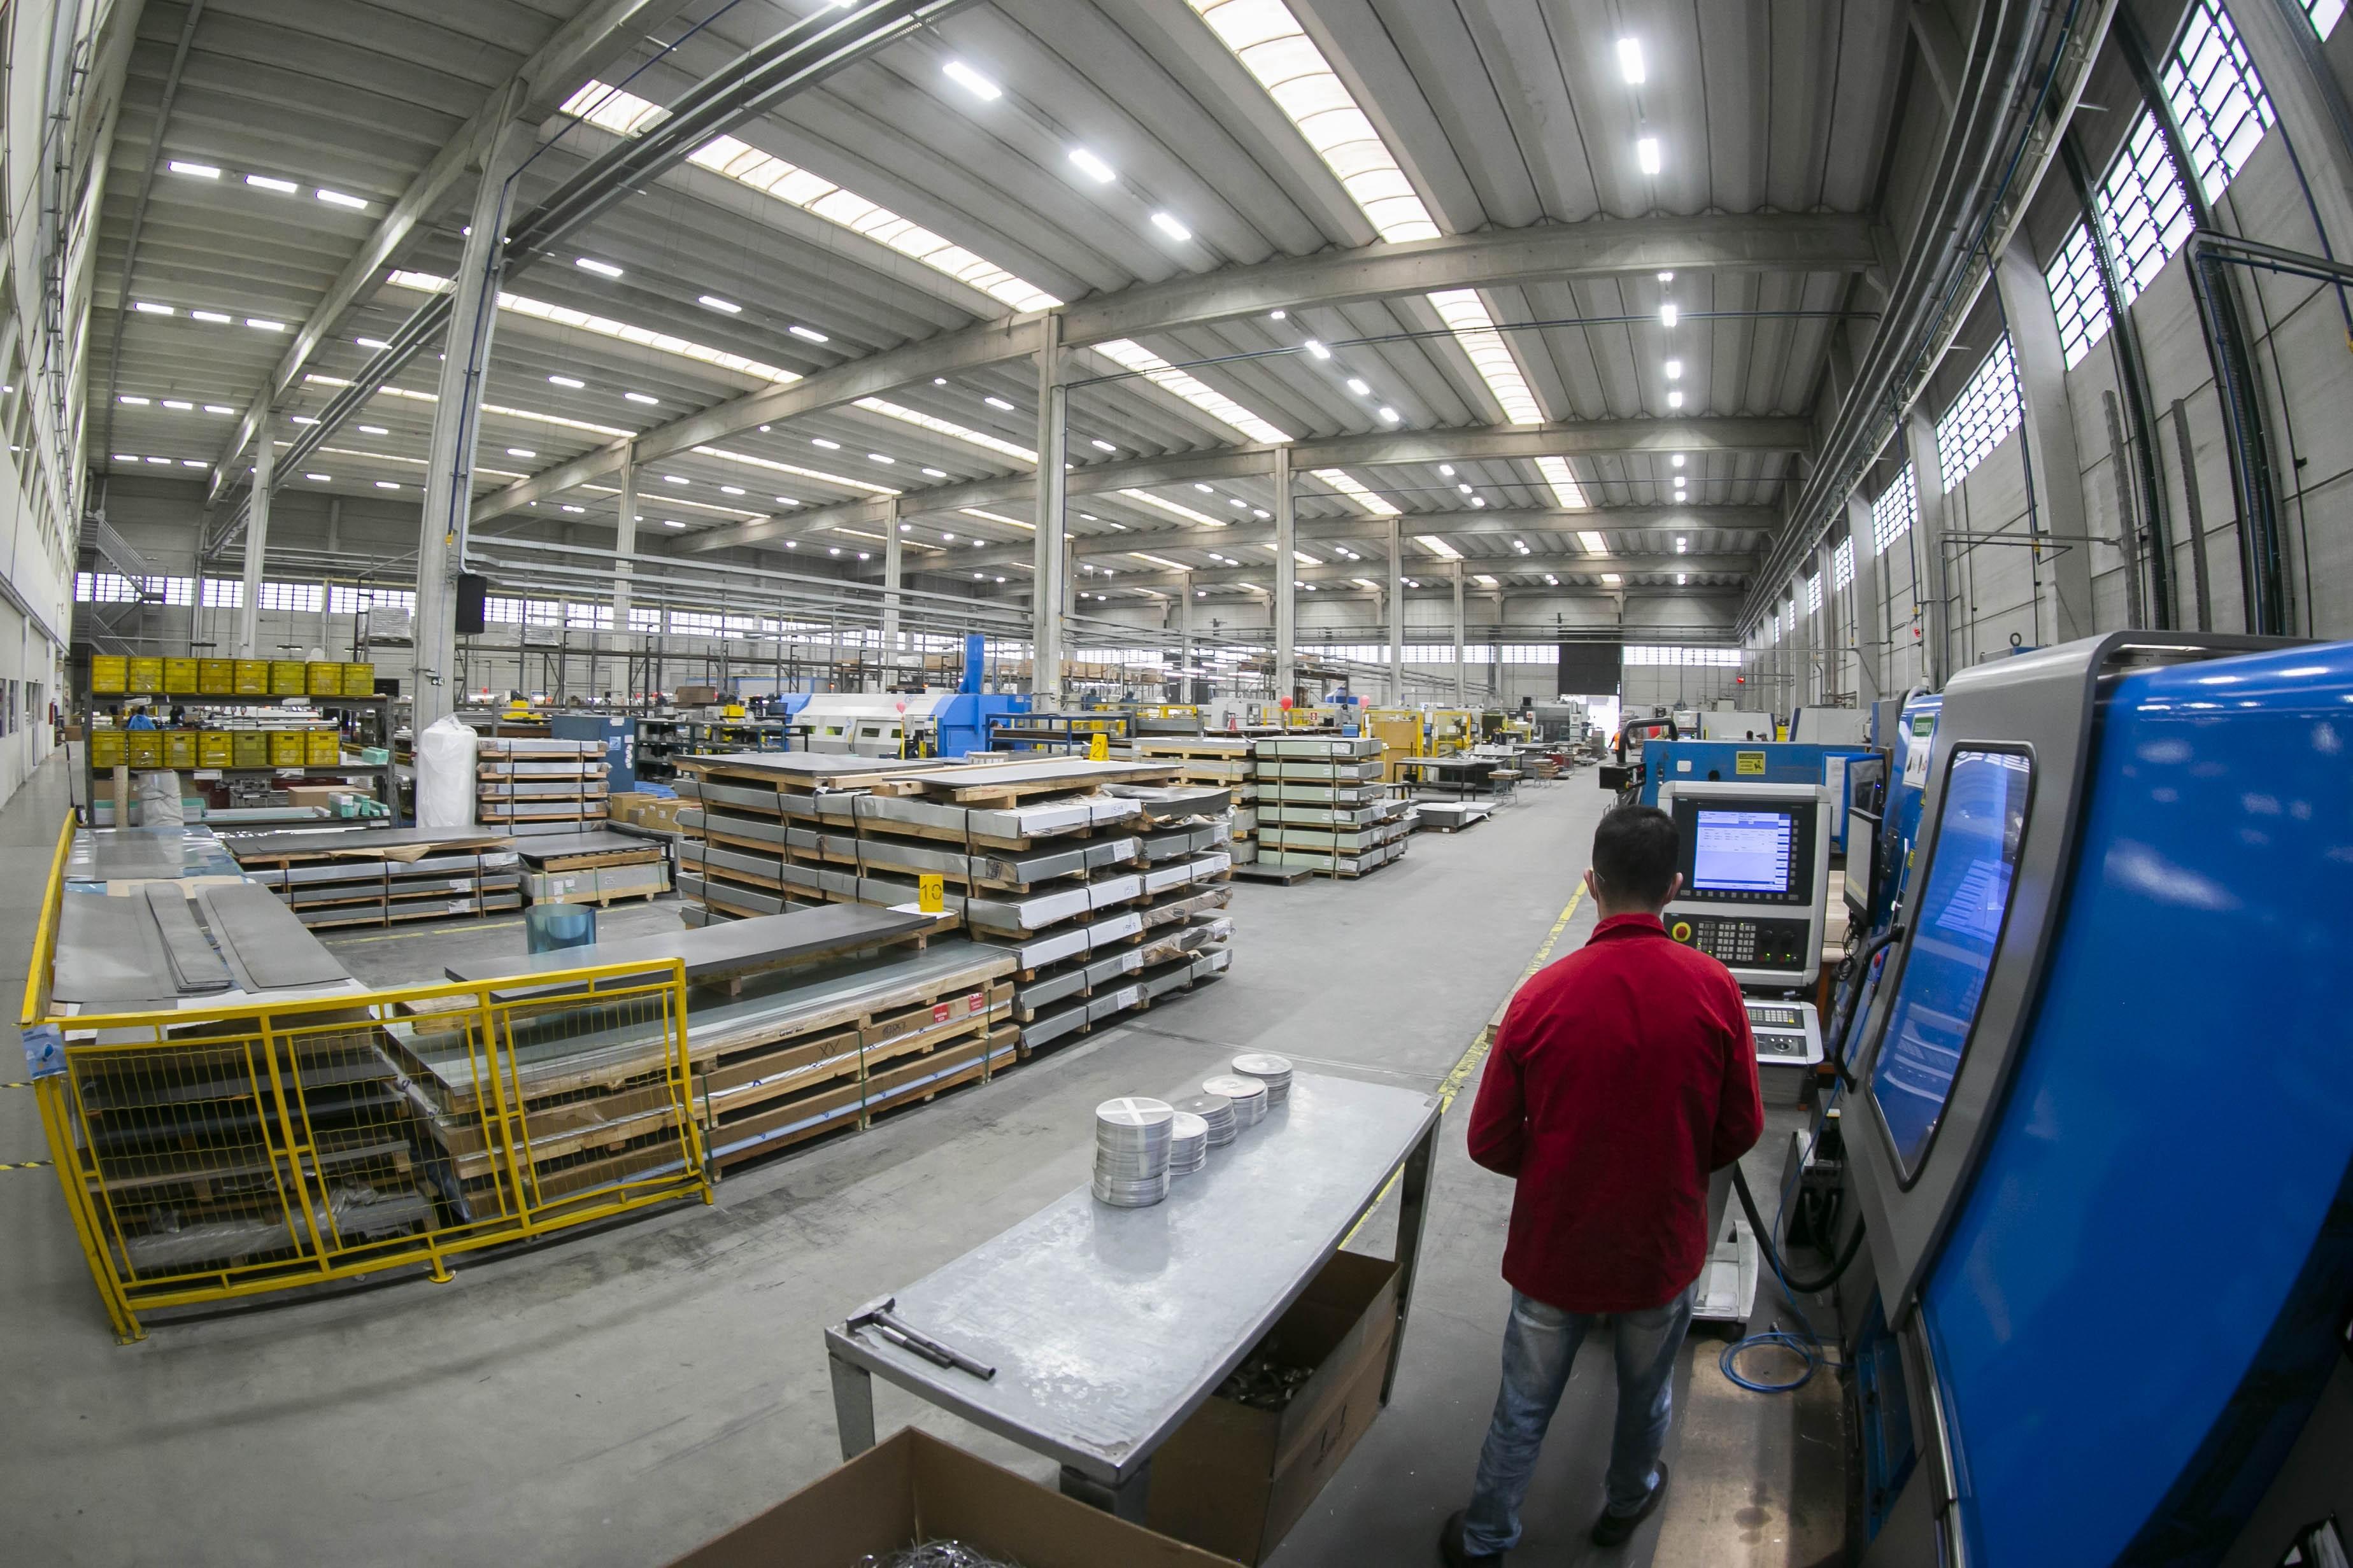 Planos de eficiência energética: redução de custos para a indústria